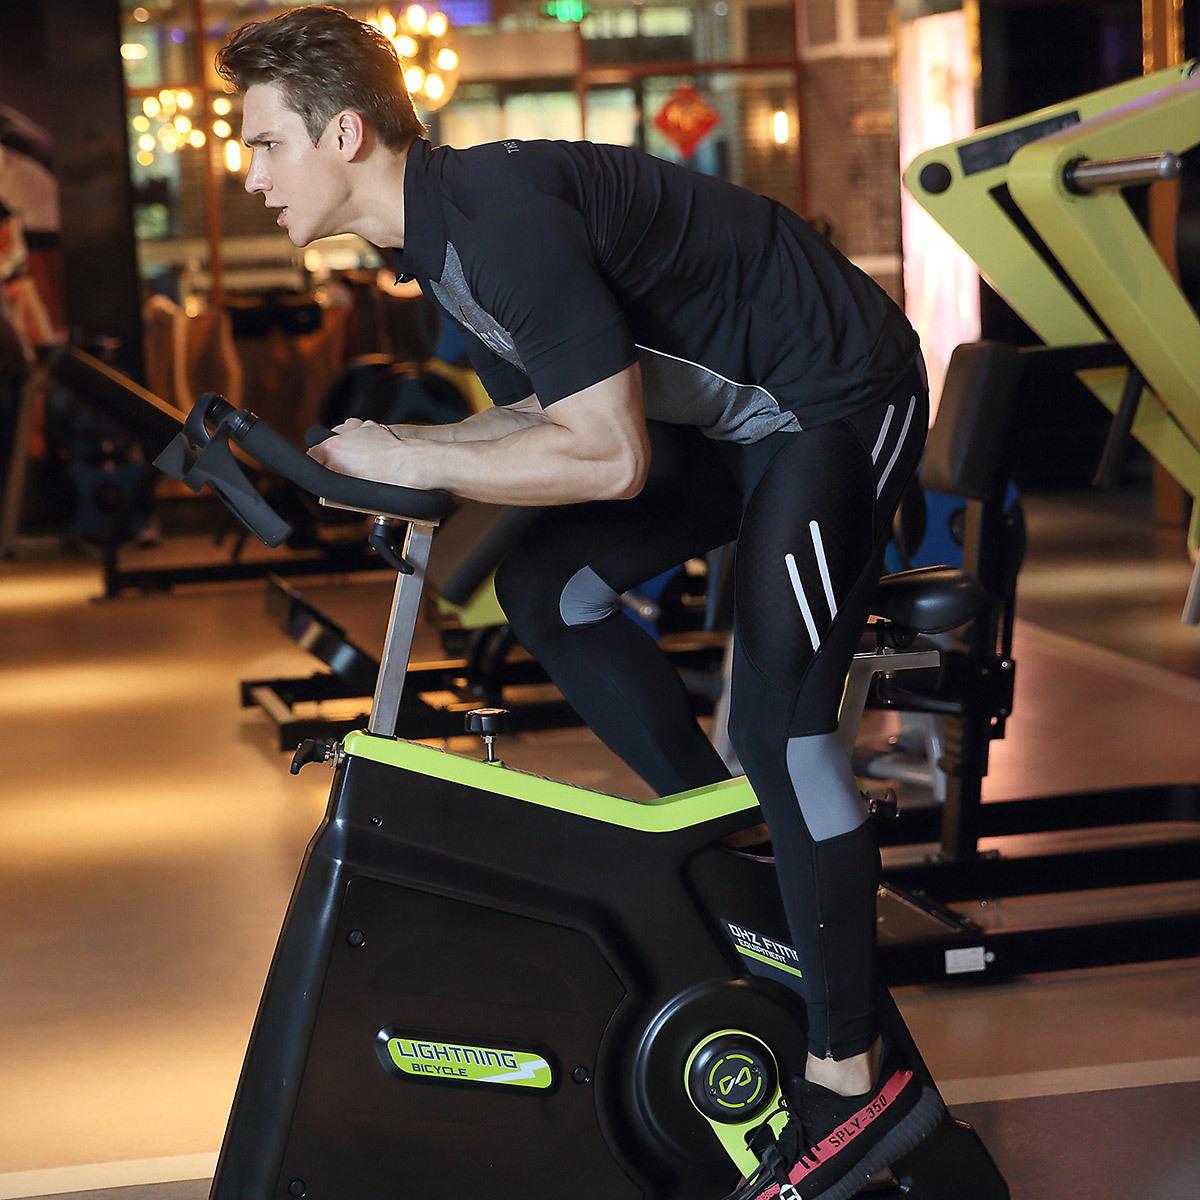 運動ズボン タイツ メンズ レディース スポーツウェア 器械フィットネス ダンスウェアスポーツ 新作